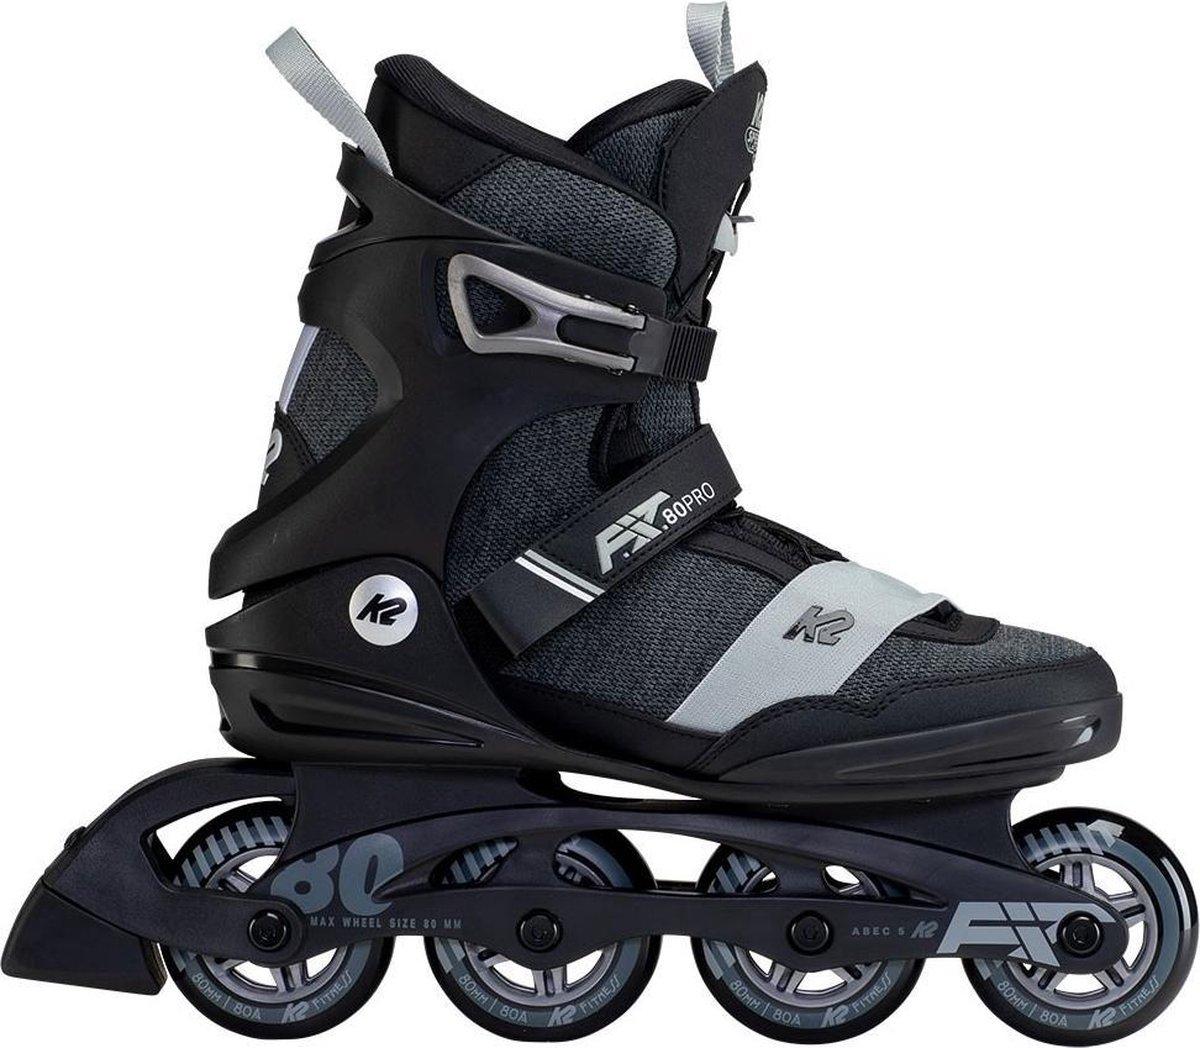 K2 Fit 80 Pro unisex skate maat 42,5. Advies om 1 maat groter te kopen als normale schoenmaat